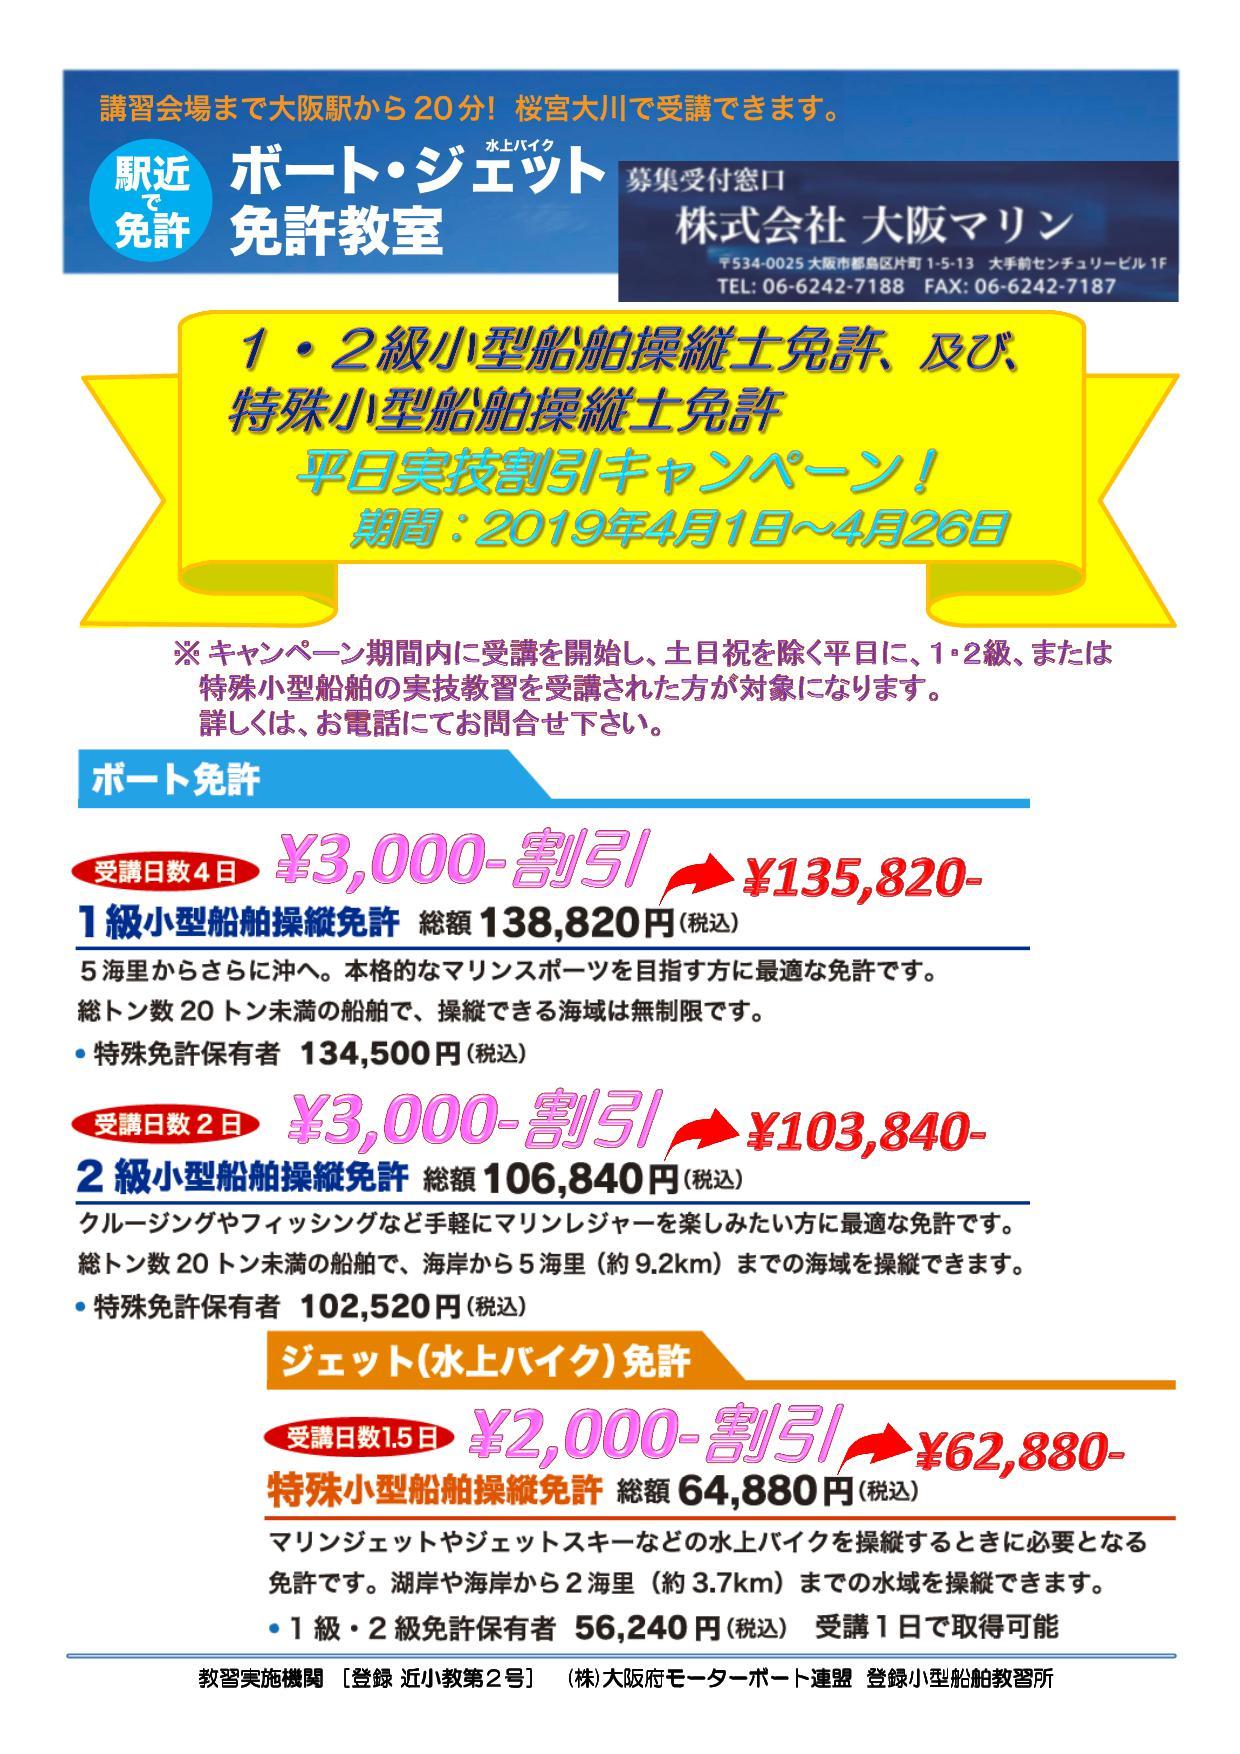 ボート免許教室 平日実技講習料金割引キャンペーン!